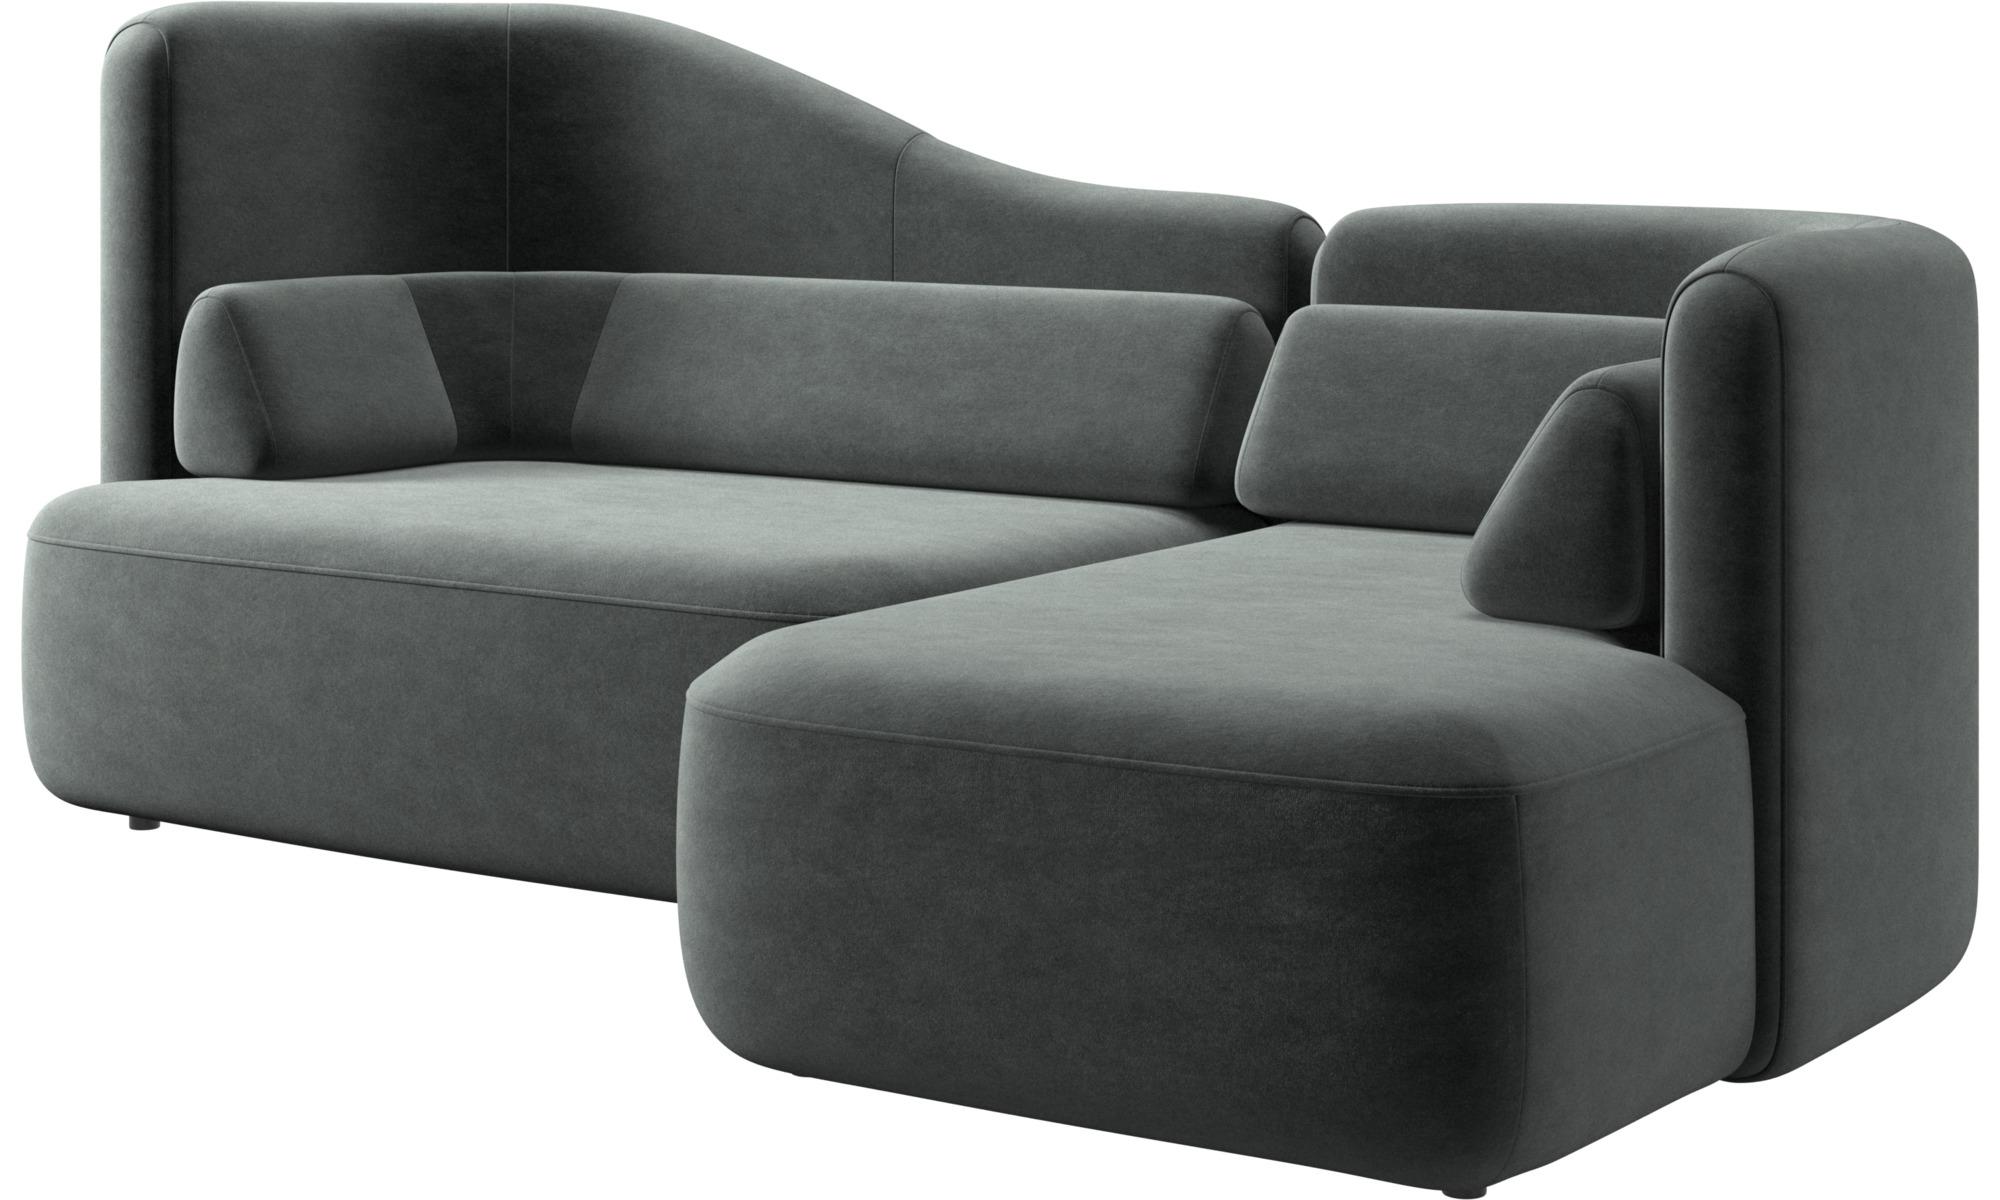 Bo concept sofa Beo concept